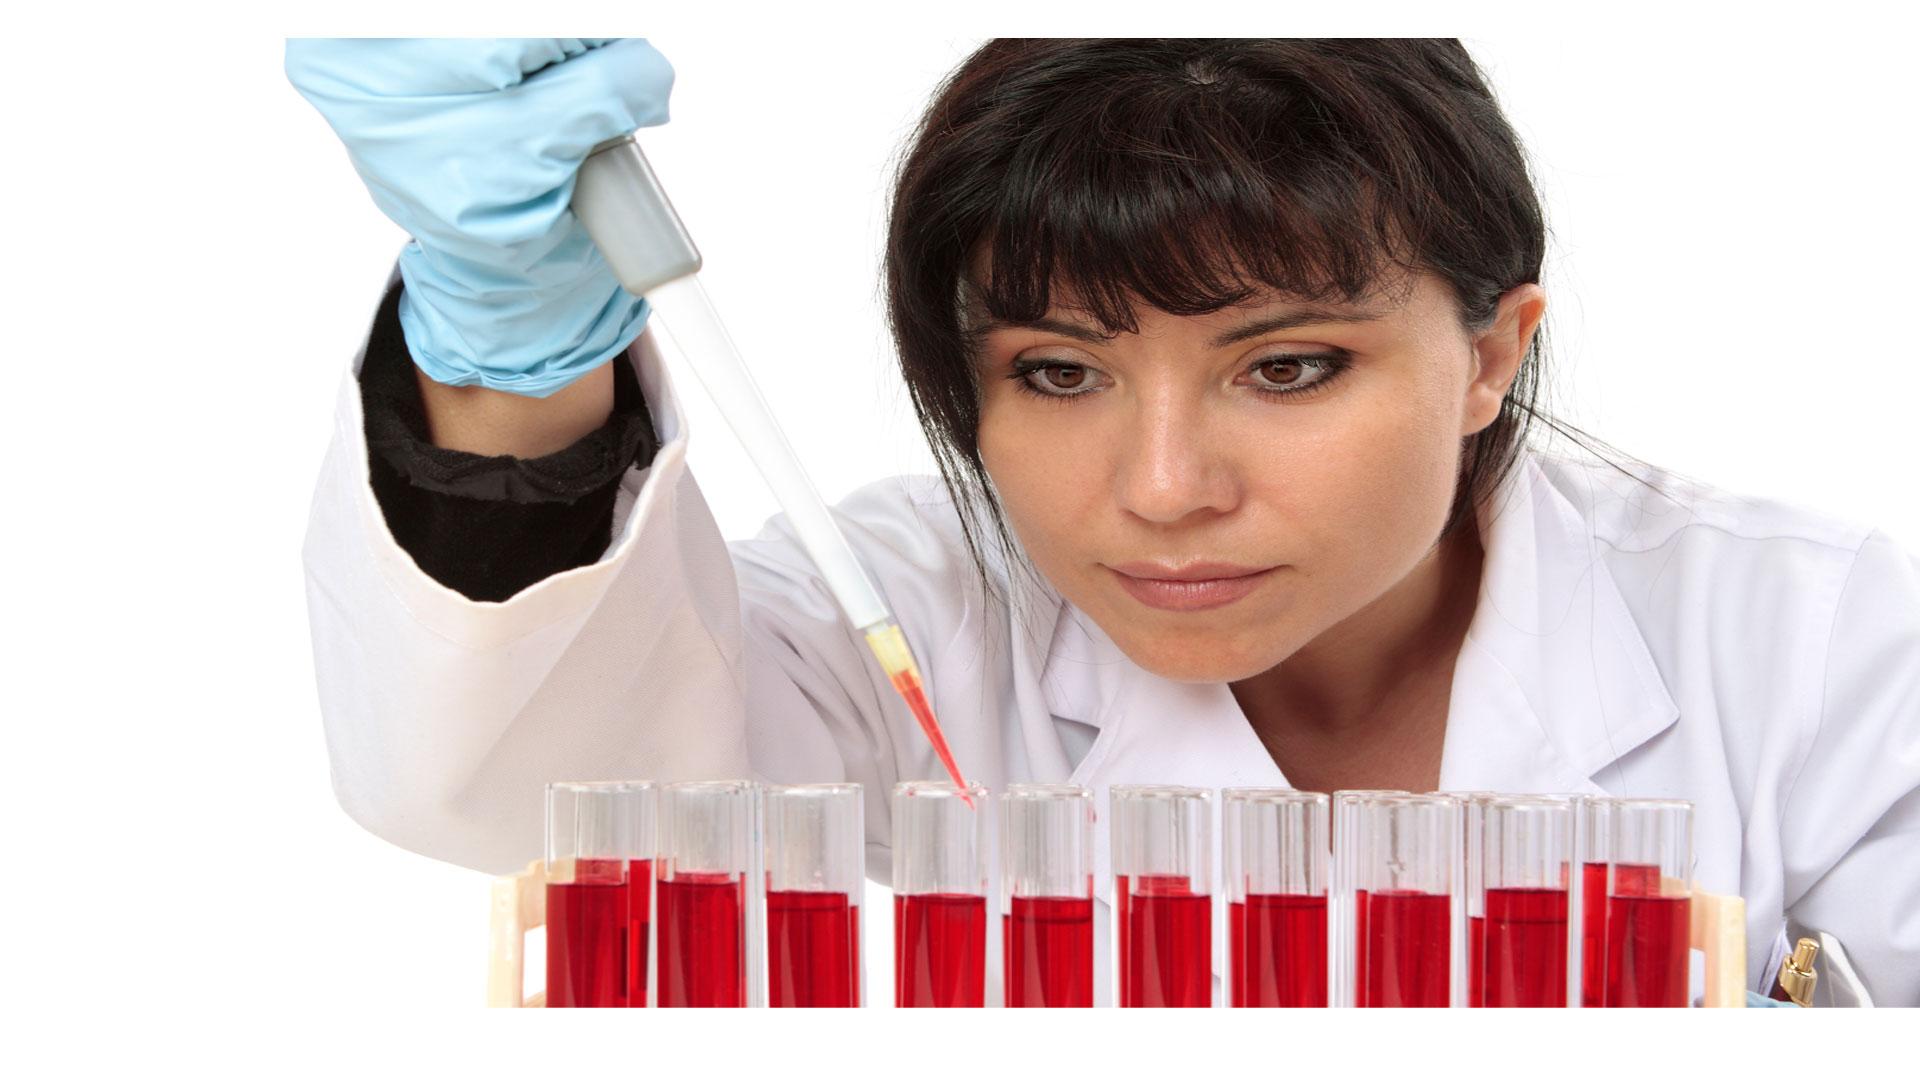 Los investigadores sugieren que venetoclax debe explorarse como una opción para los pacientes